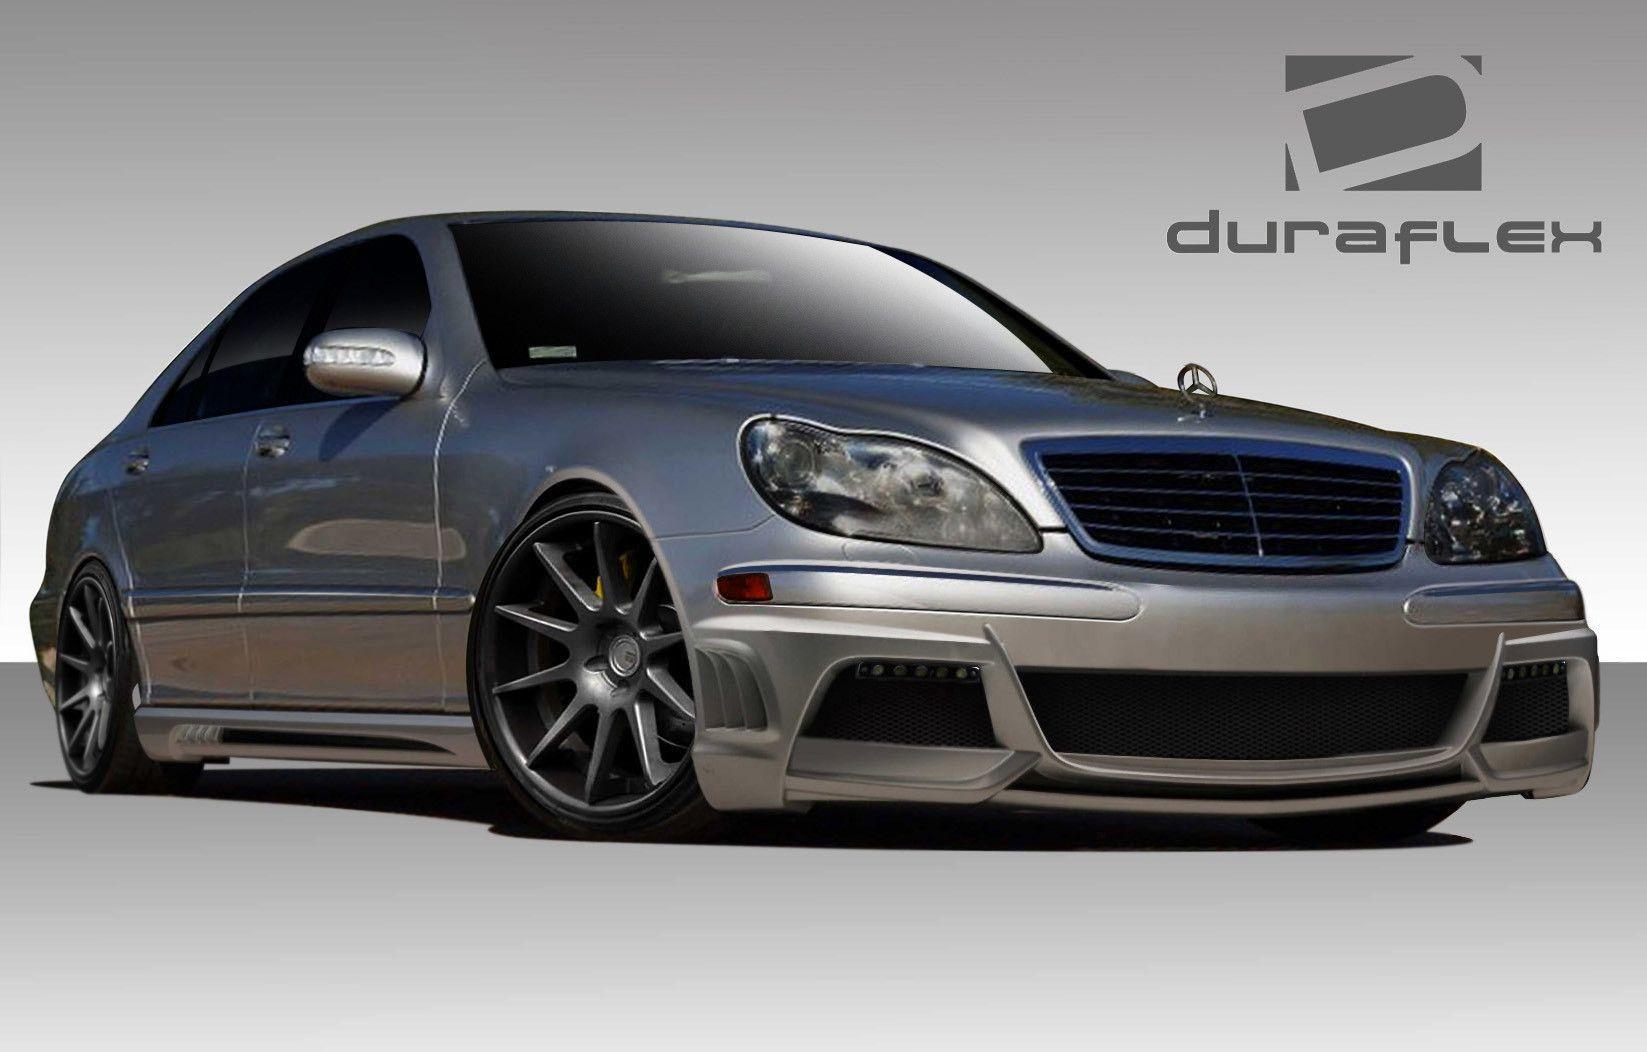 2003-2006 Mercedes S Class W220 Duraflex W-3 Body Kit - 4 Piece ...